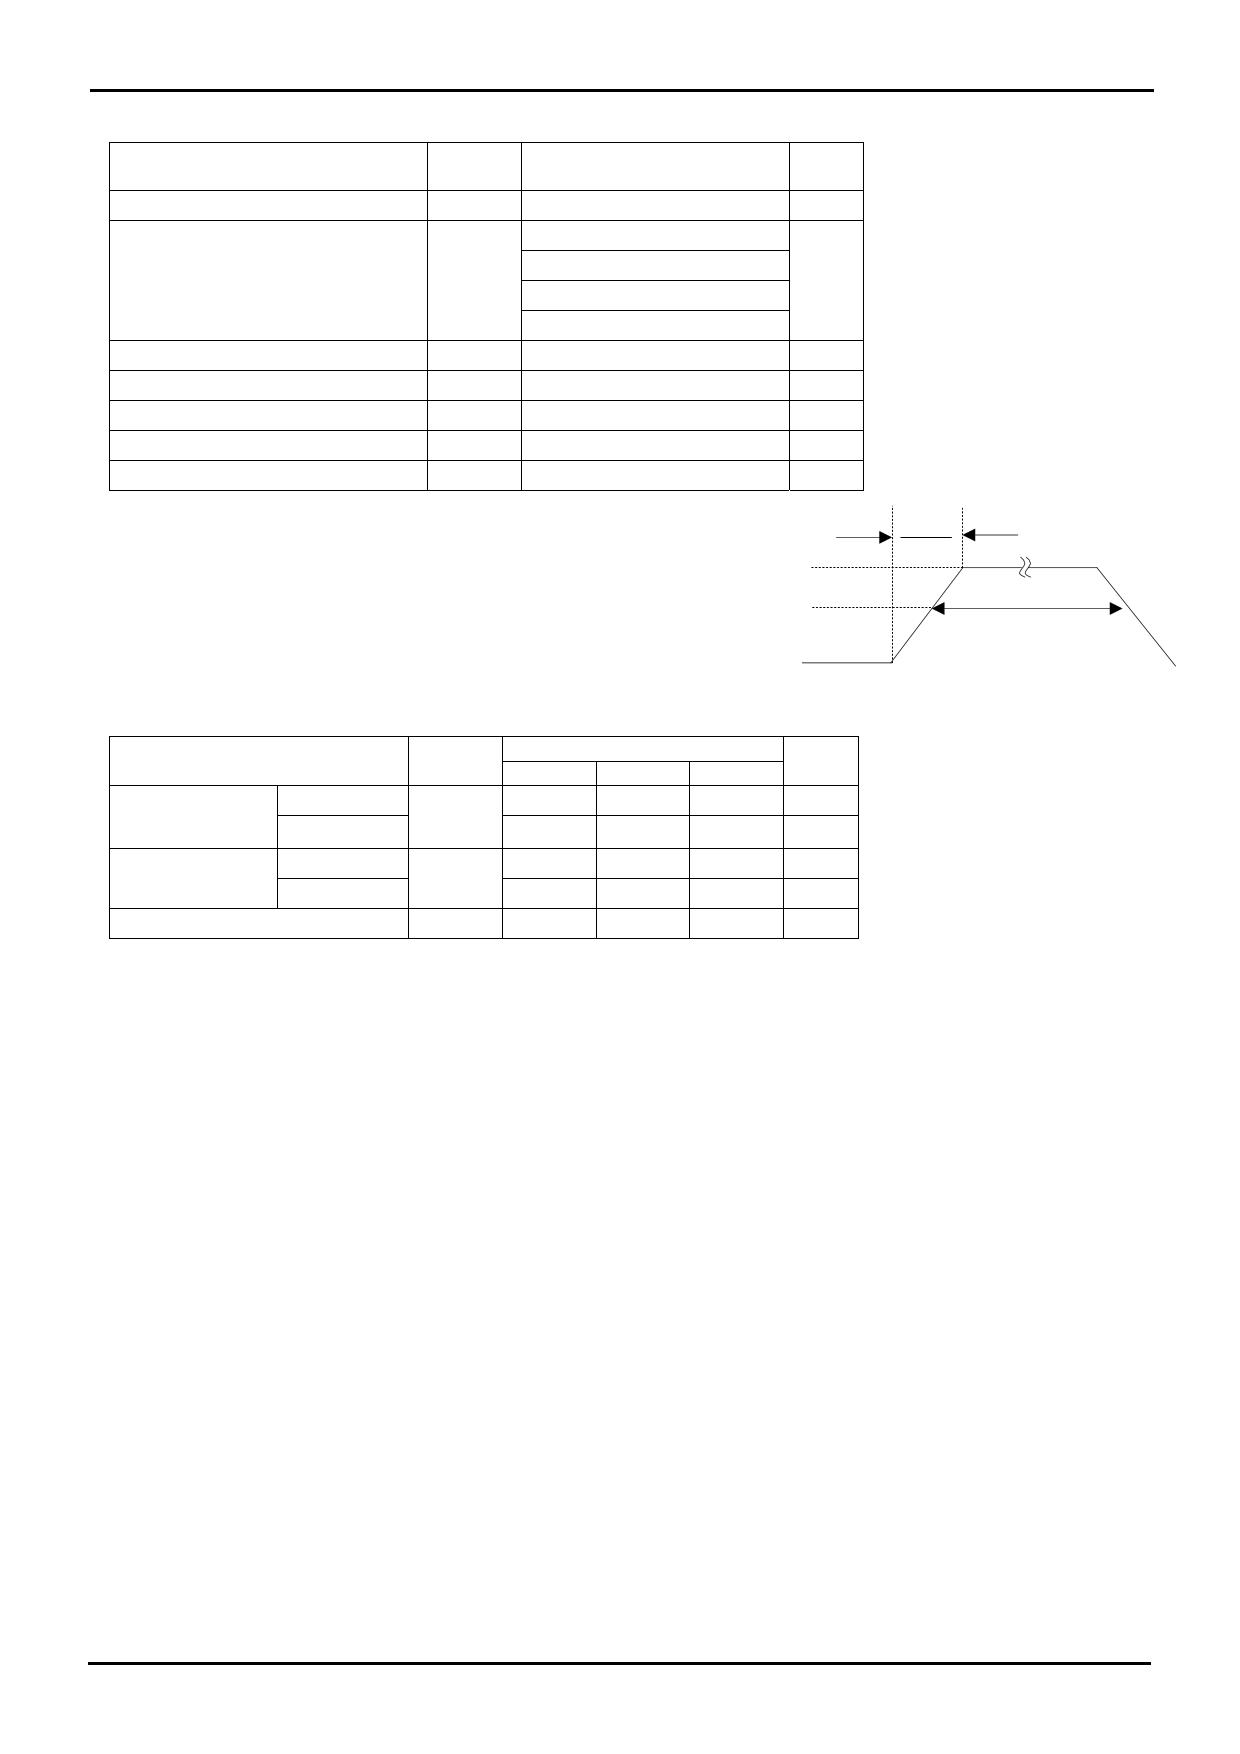 BA07CC0FP-E2 pdf